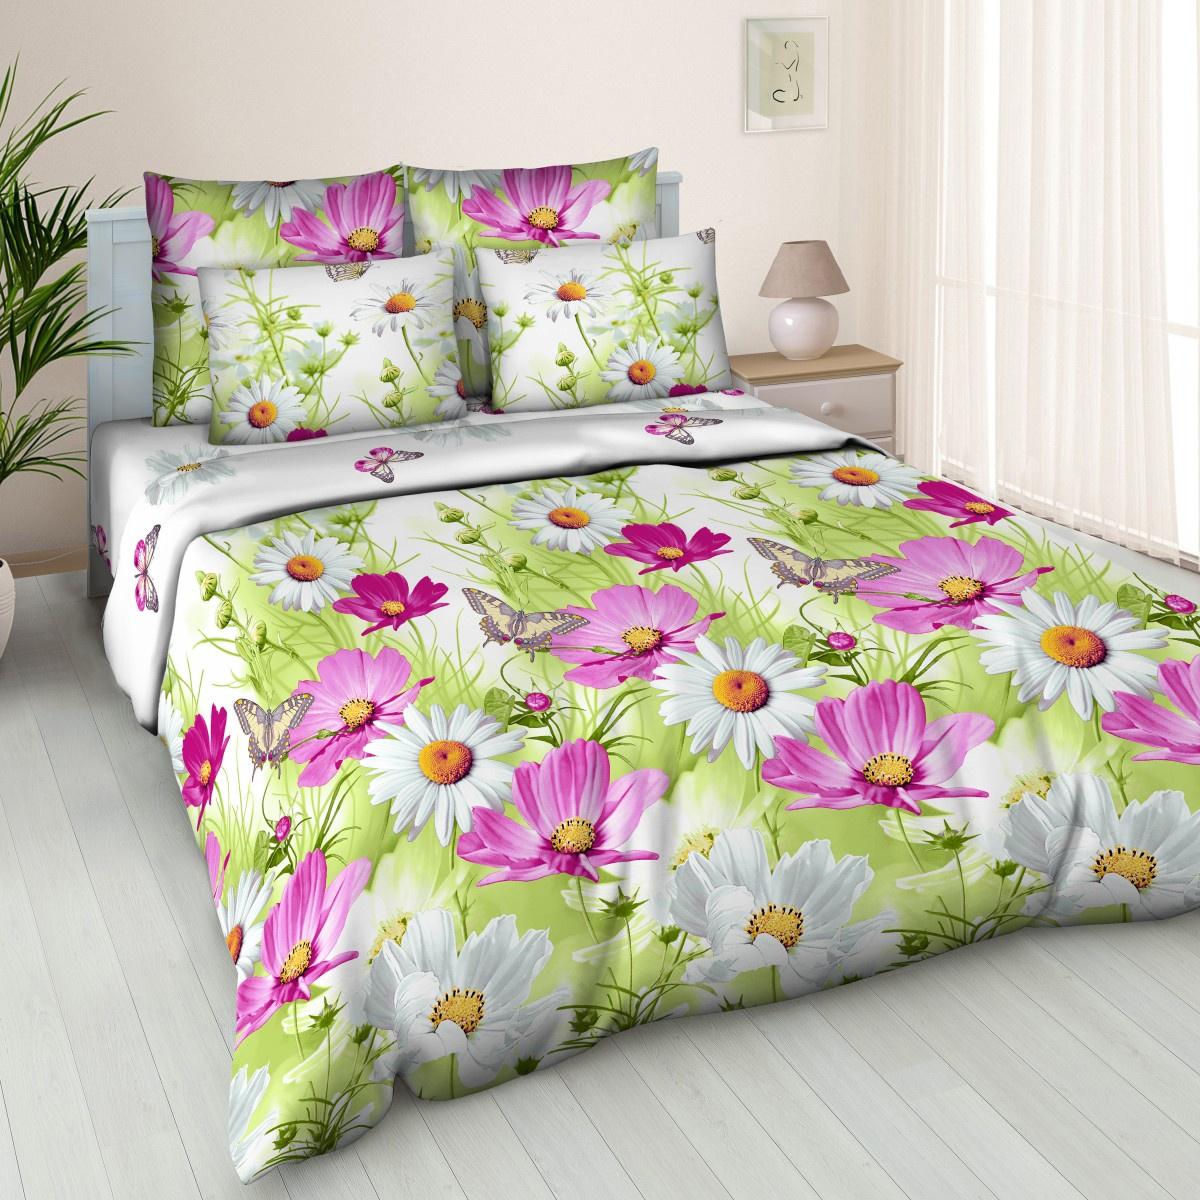 Комплект постельного белья BUTTERFLY поплин (ПК5) рис.4563/1, семейный